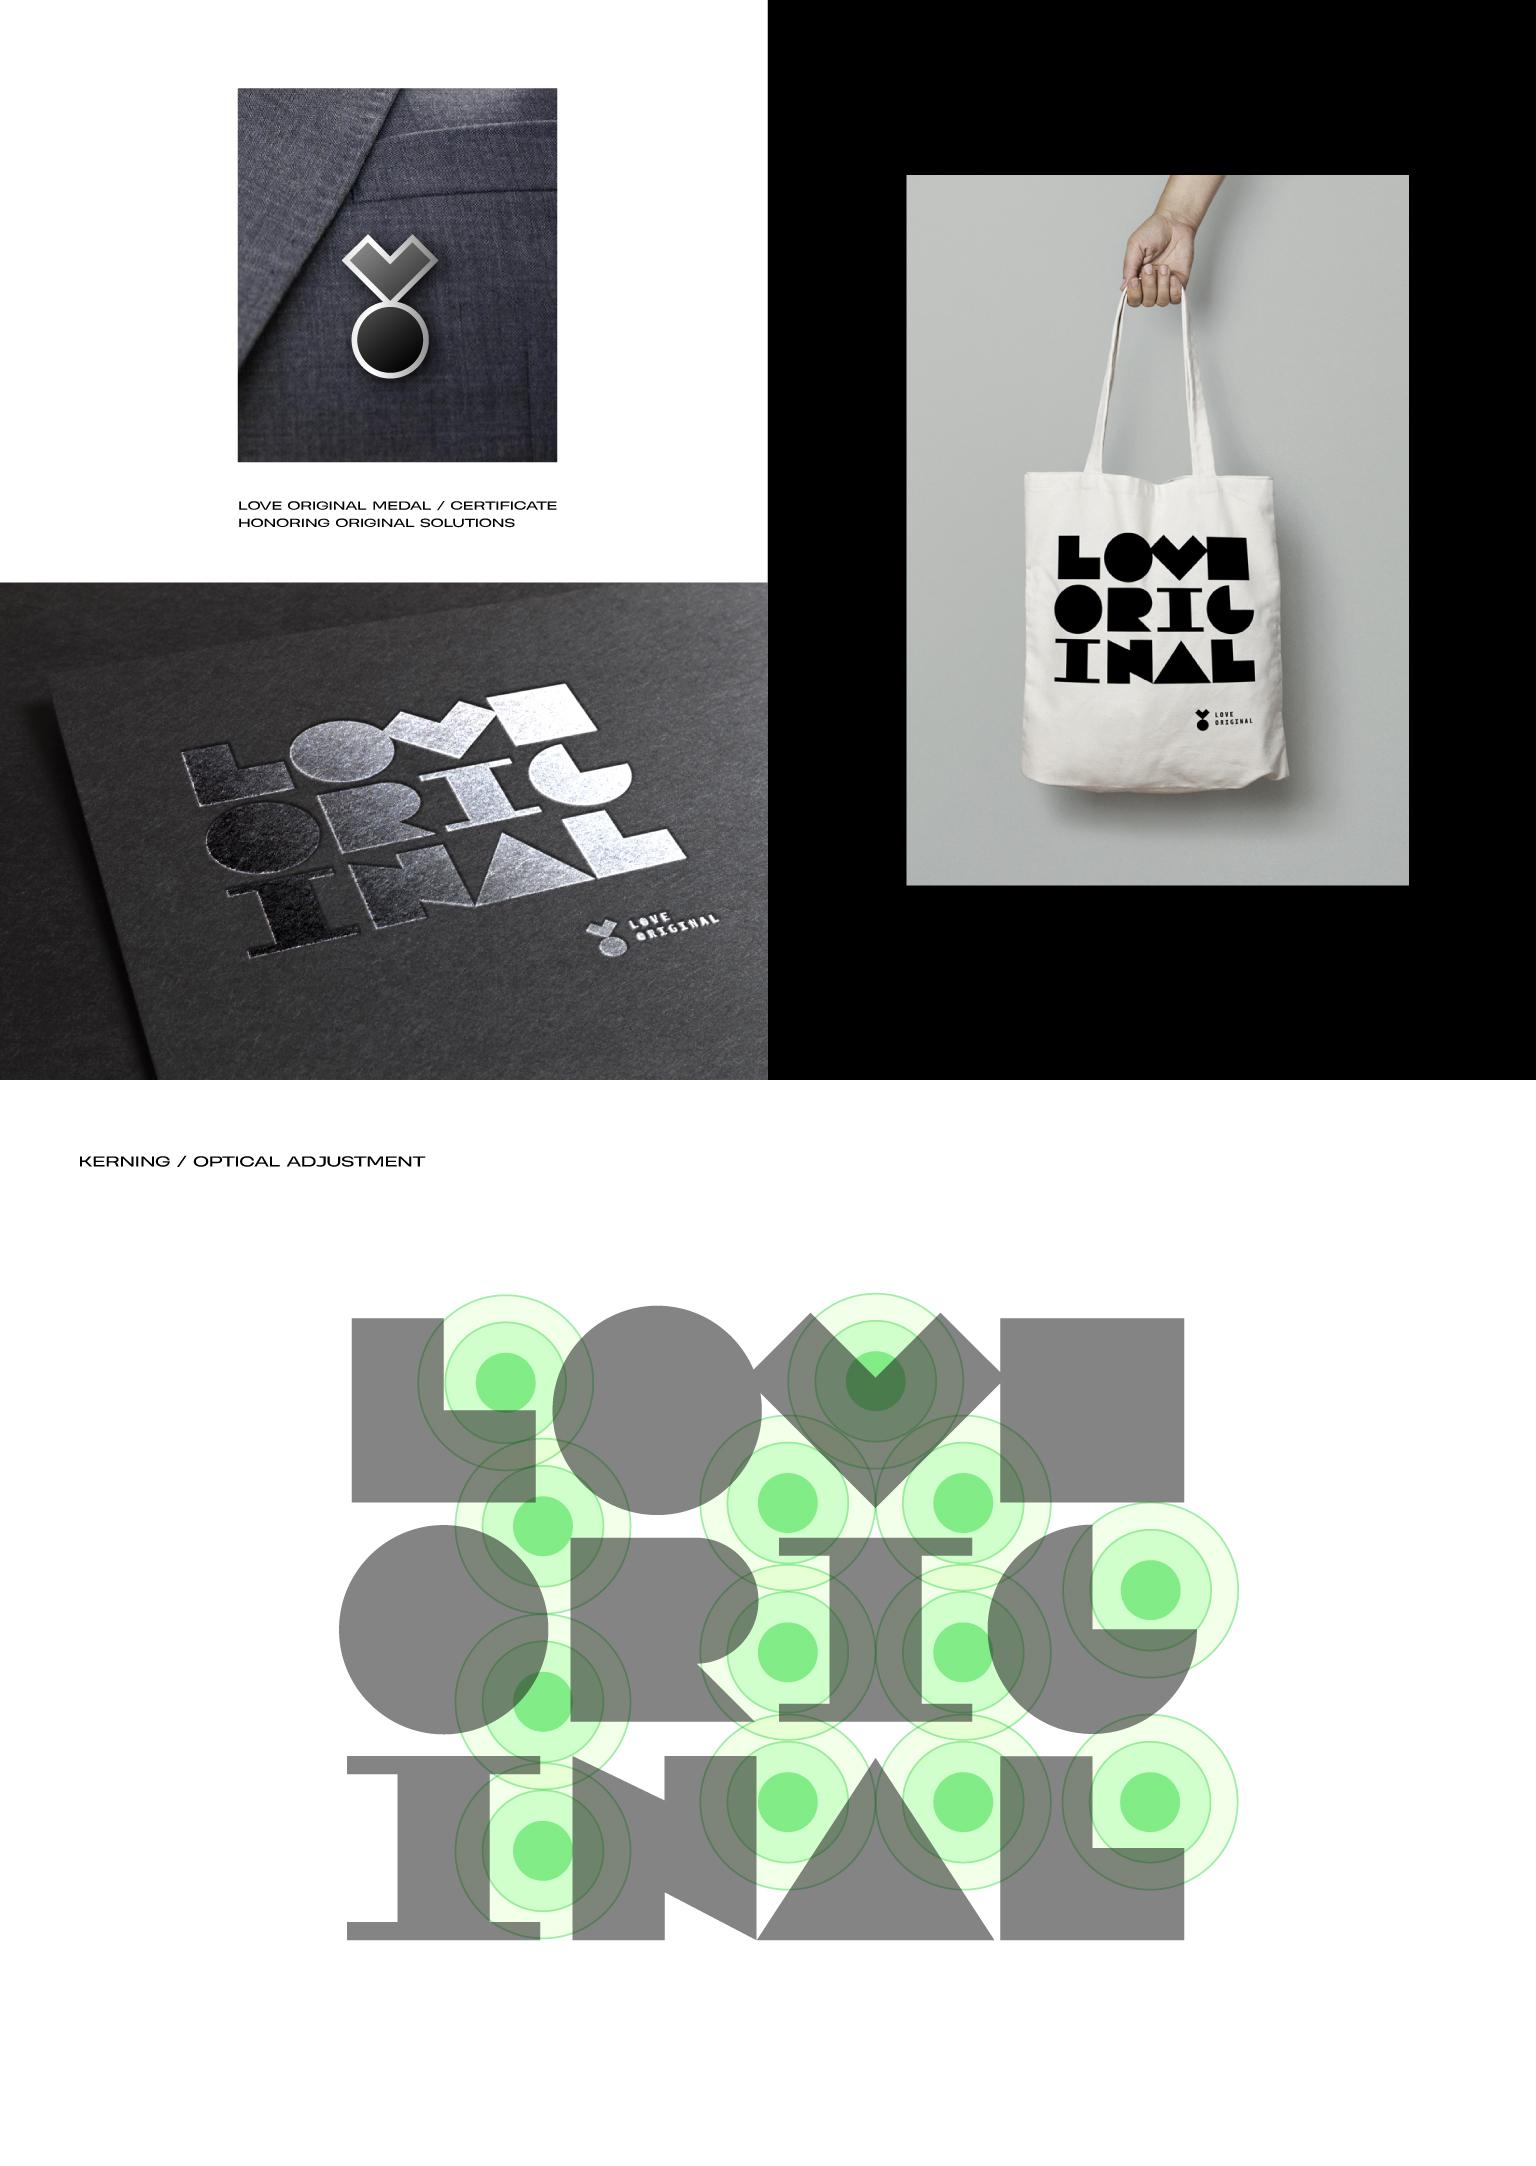 Love Original identity by Wojciech Janicki - Creative Work - $i